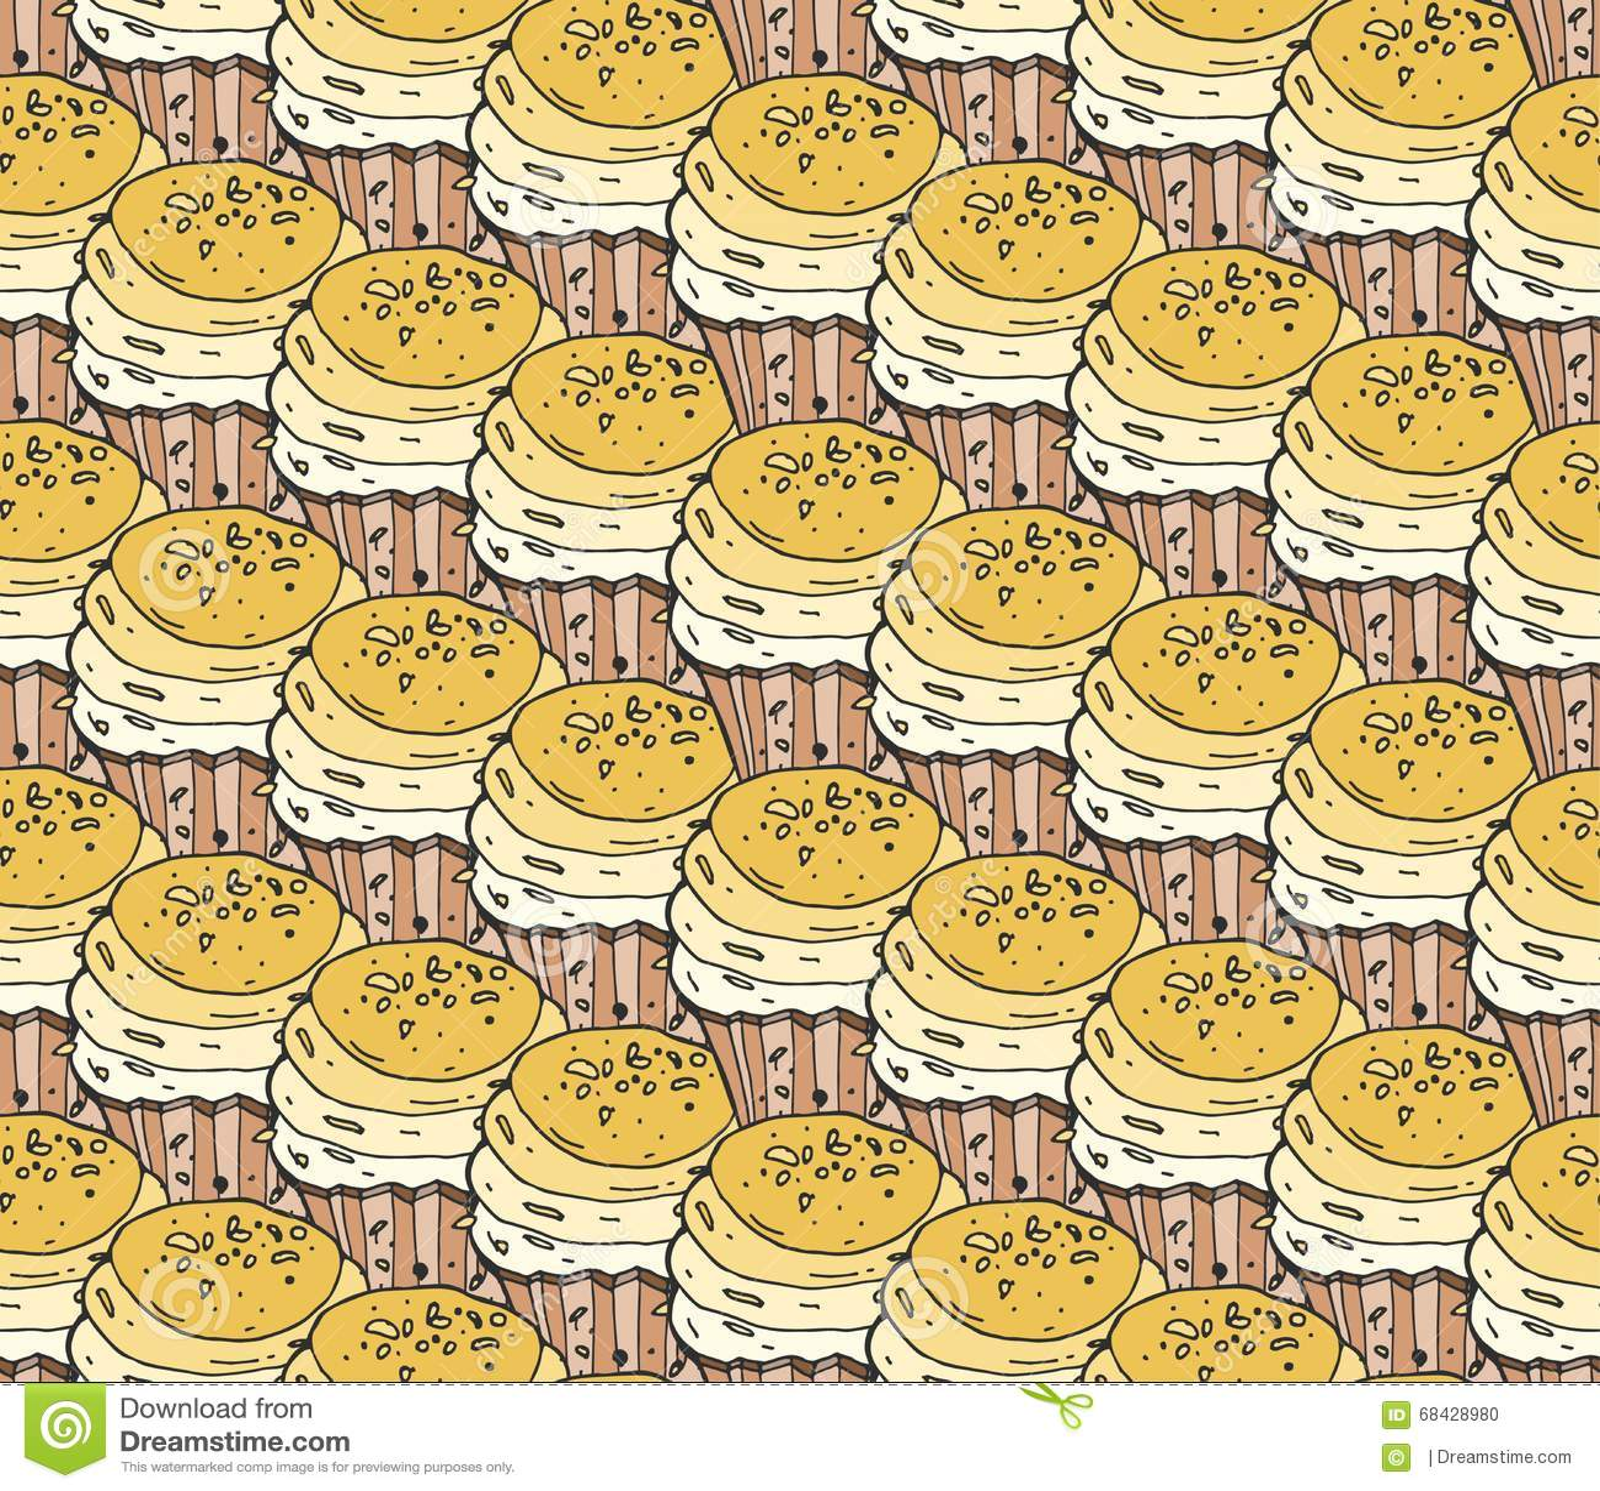 黄色手拉杯形蛋糕甜点无缝的乱画传染媒介的样式 葡萄酒面包店背景